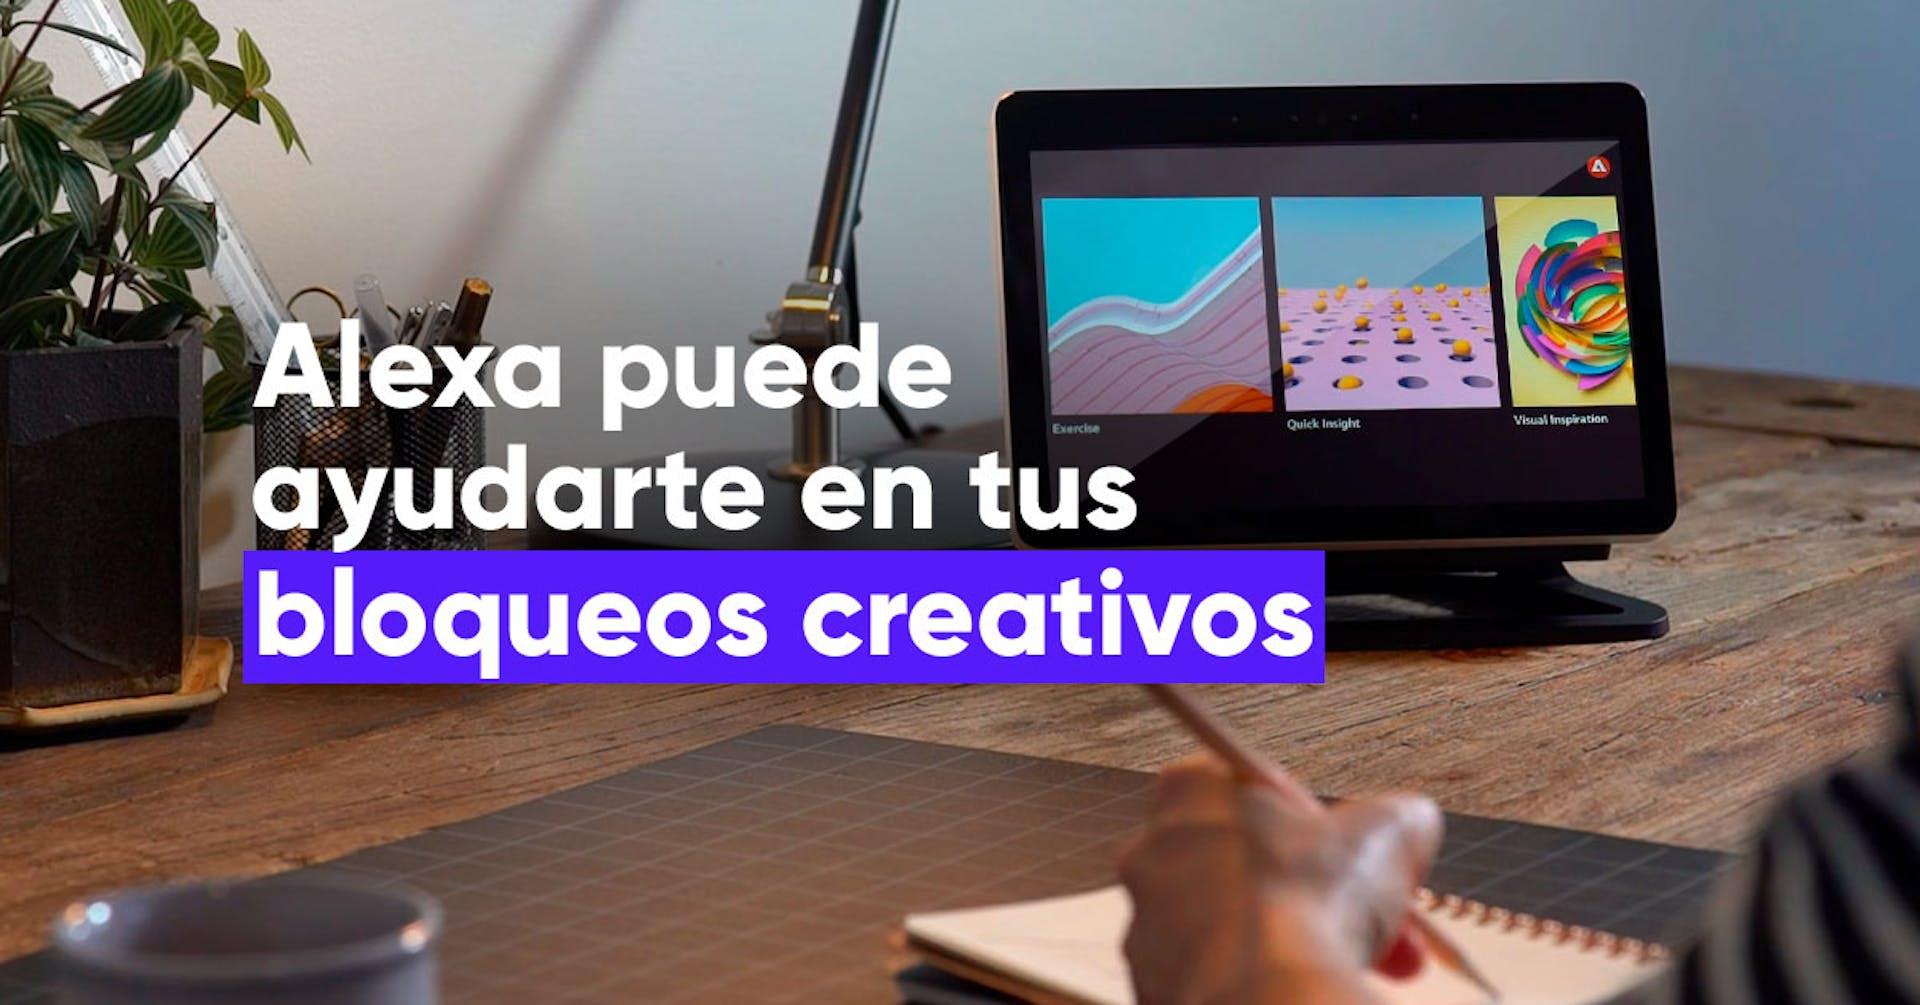 ¿Bloqueos Creativos? Adobe presenta una nueva función de Alexa para inspirarte